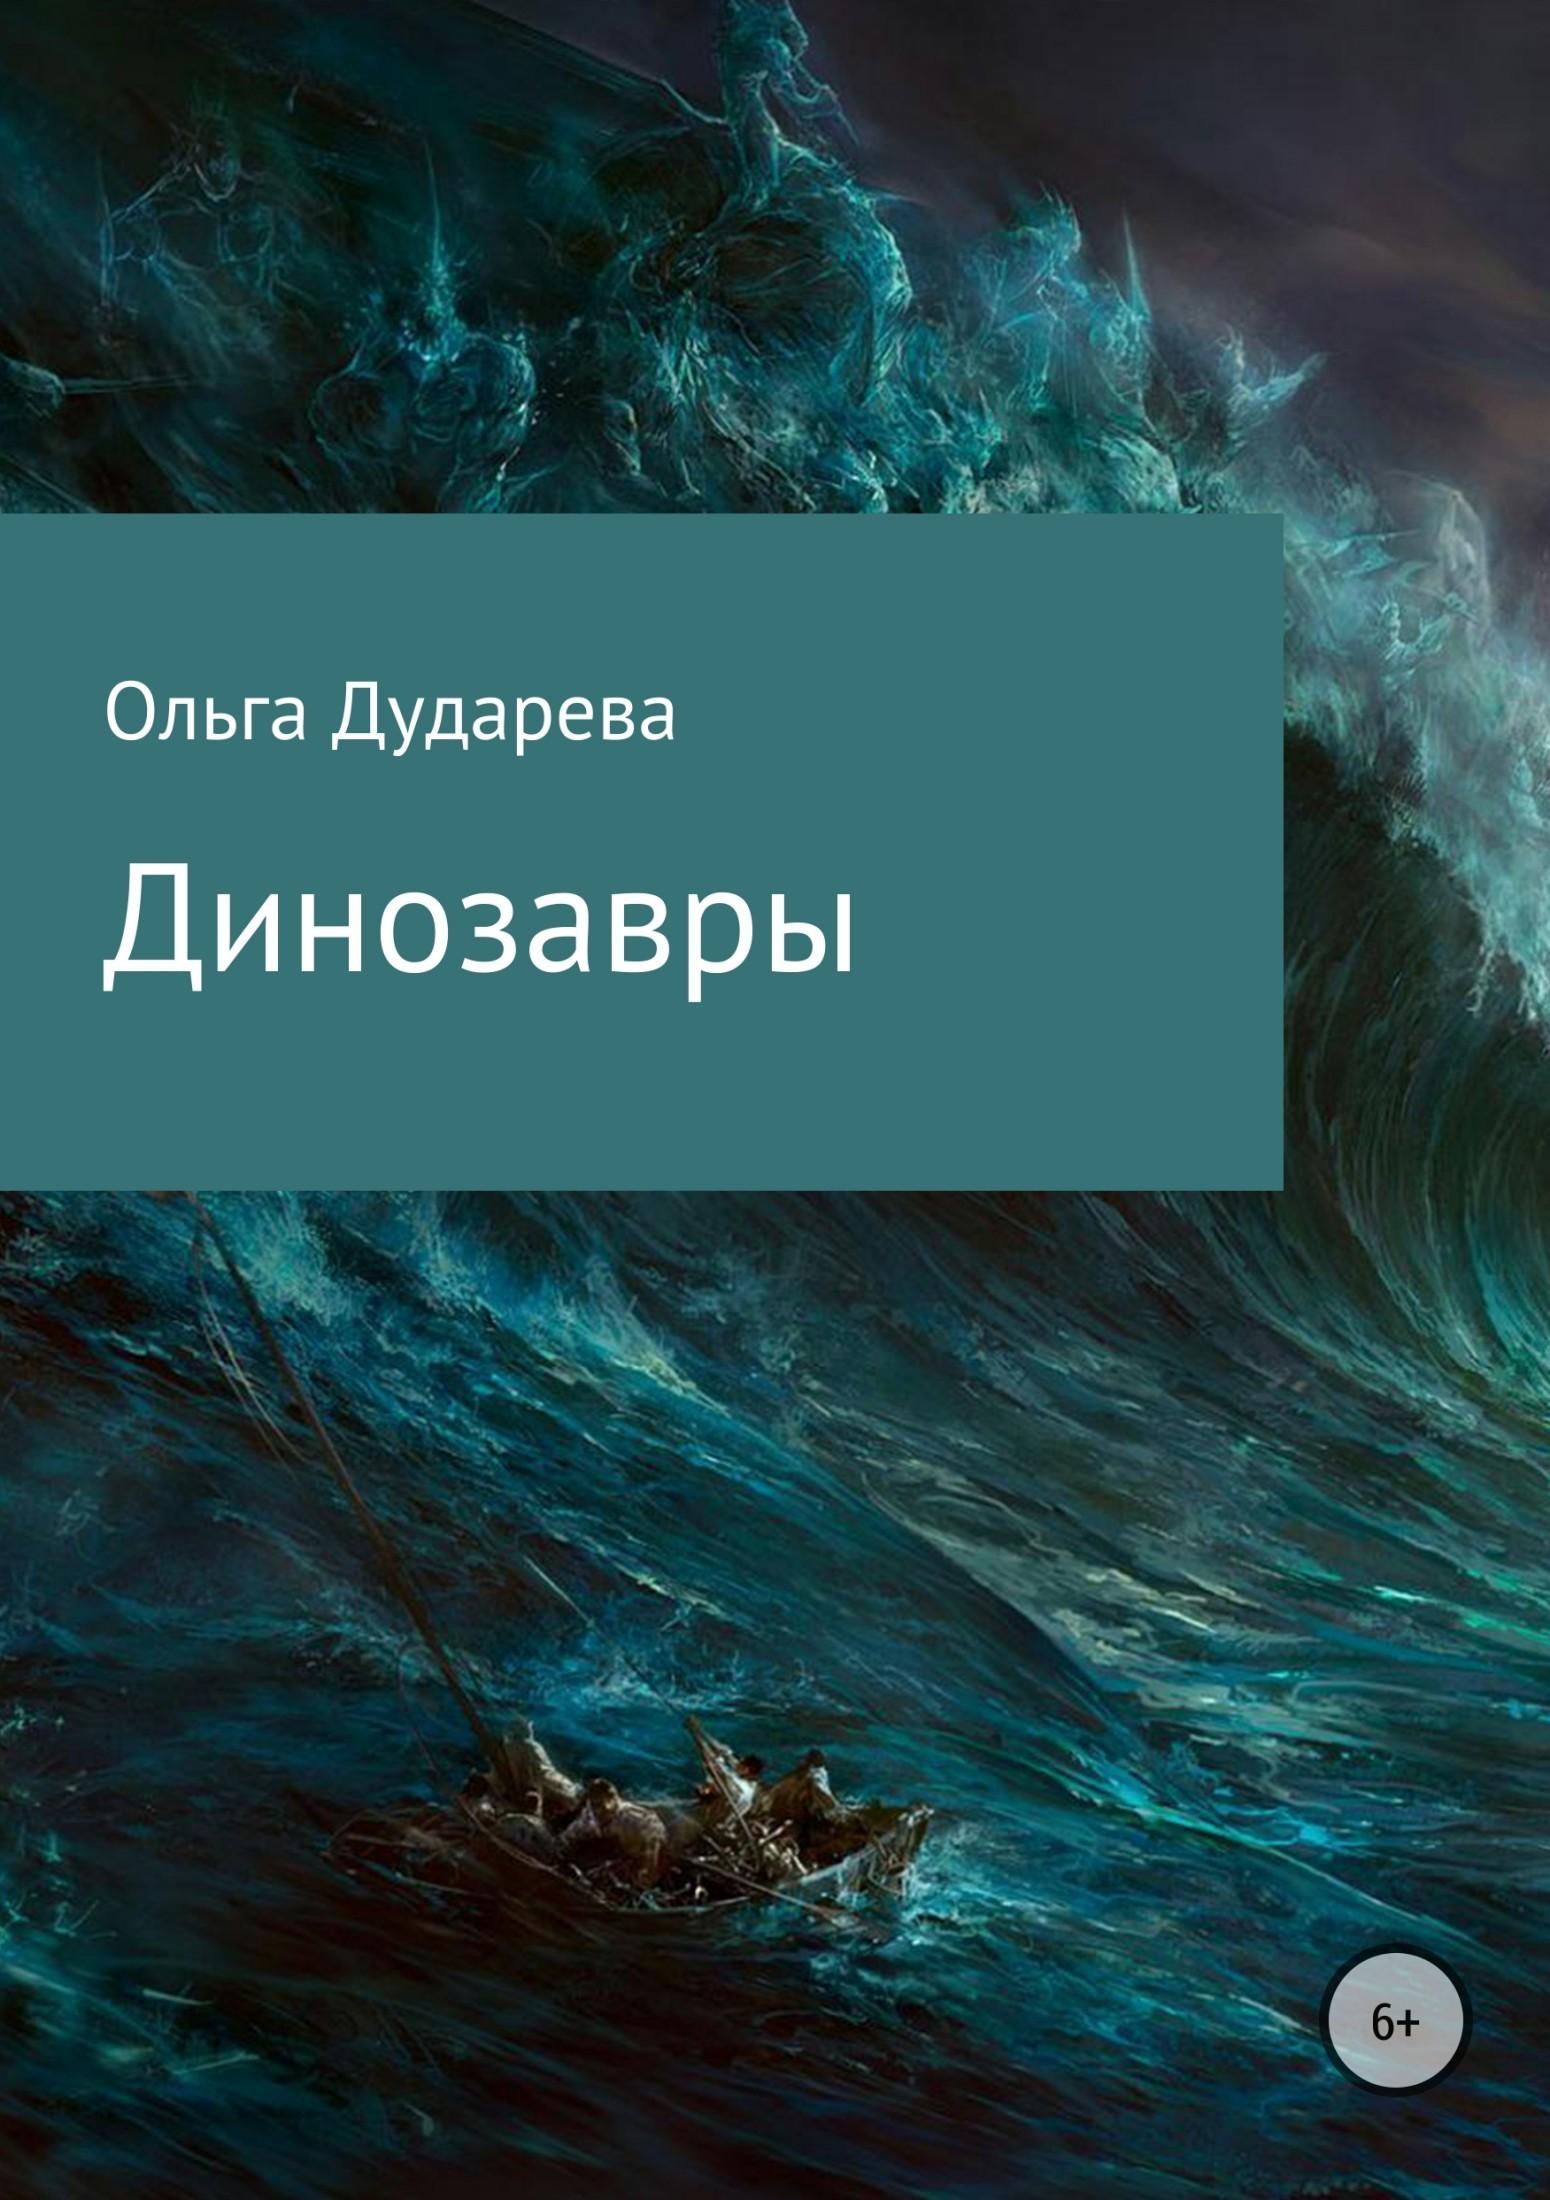 Ольга Дударева - Динозавры